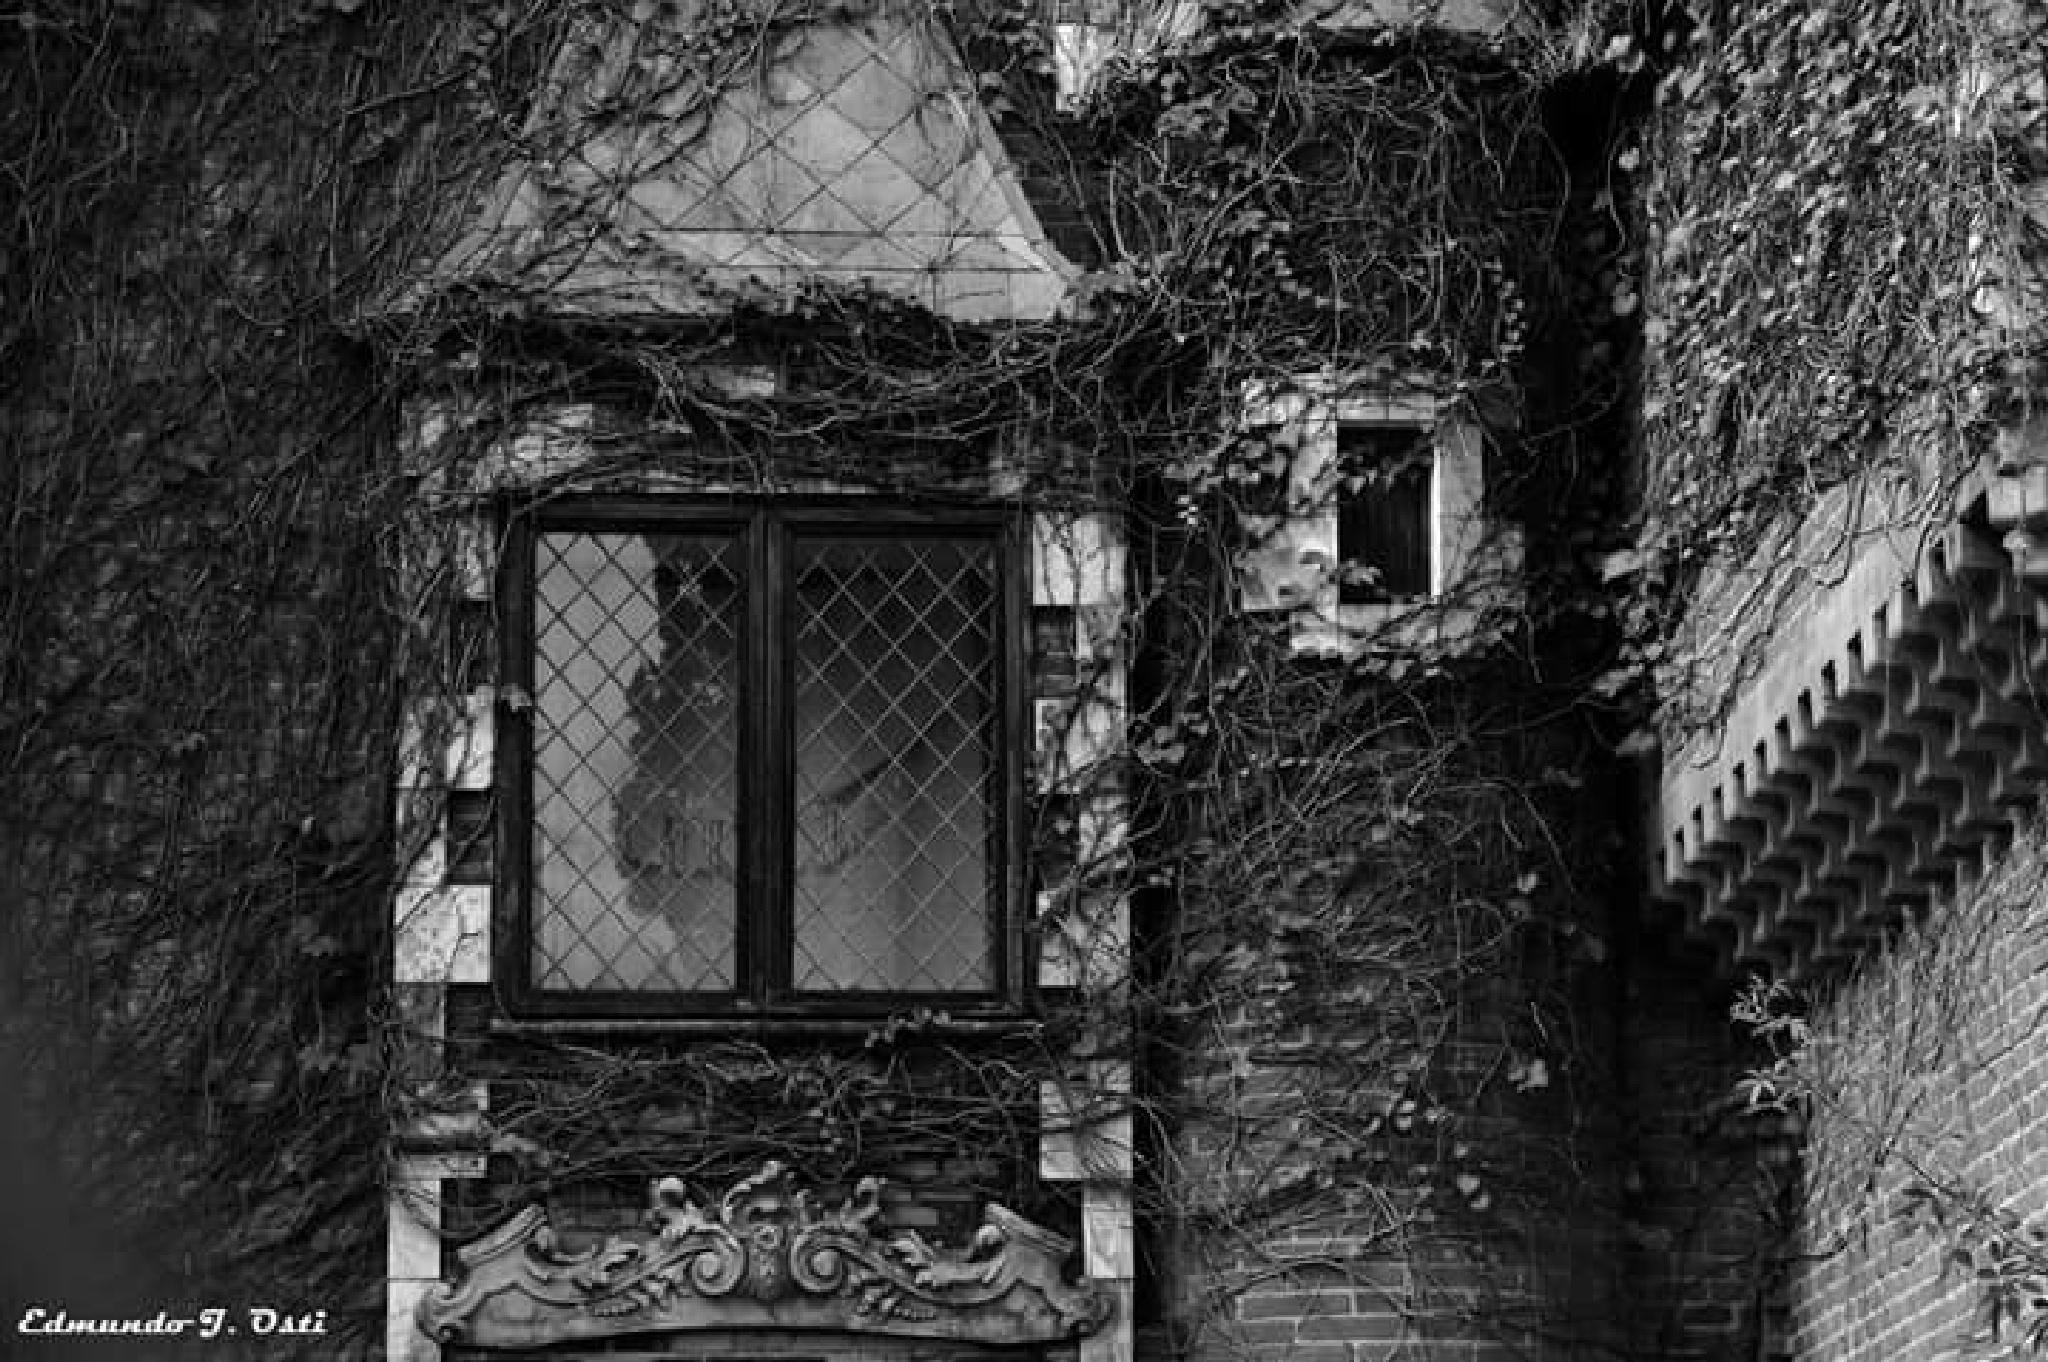 Castelo by Edmundo J. Osti